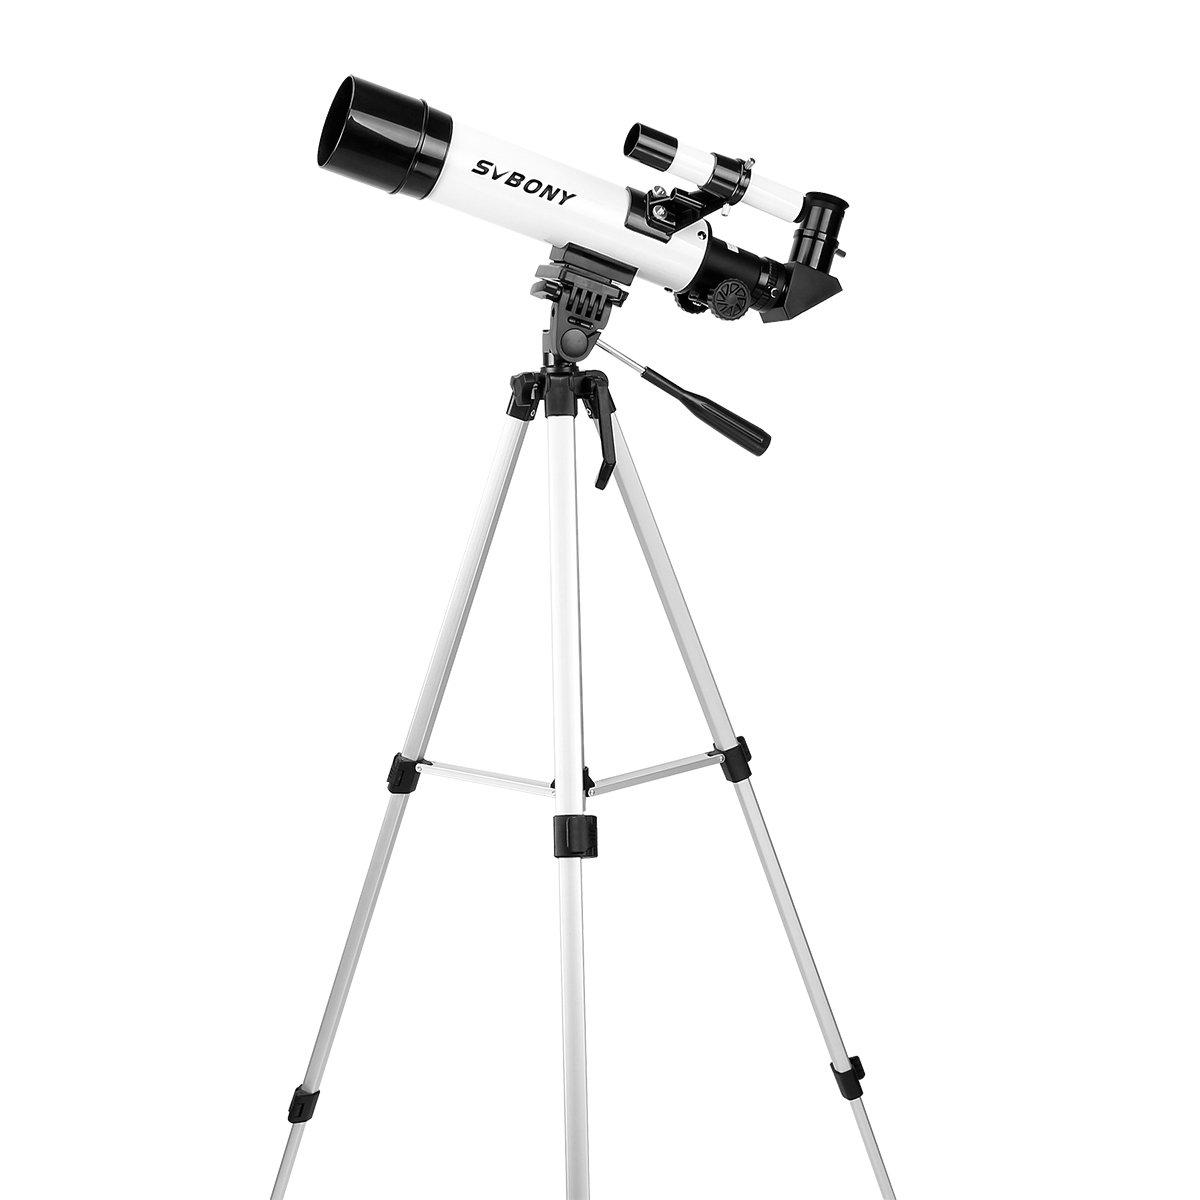 SVBONY SV25 Telescope for Astronomy 60mm Refracting Telescope with Aluminum Tripod for Stargazing